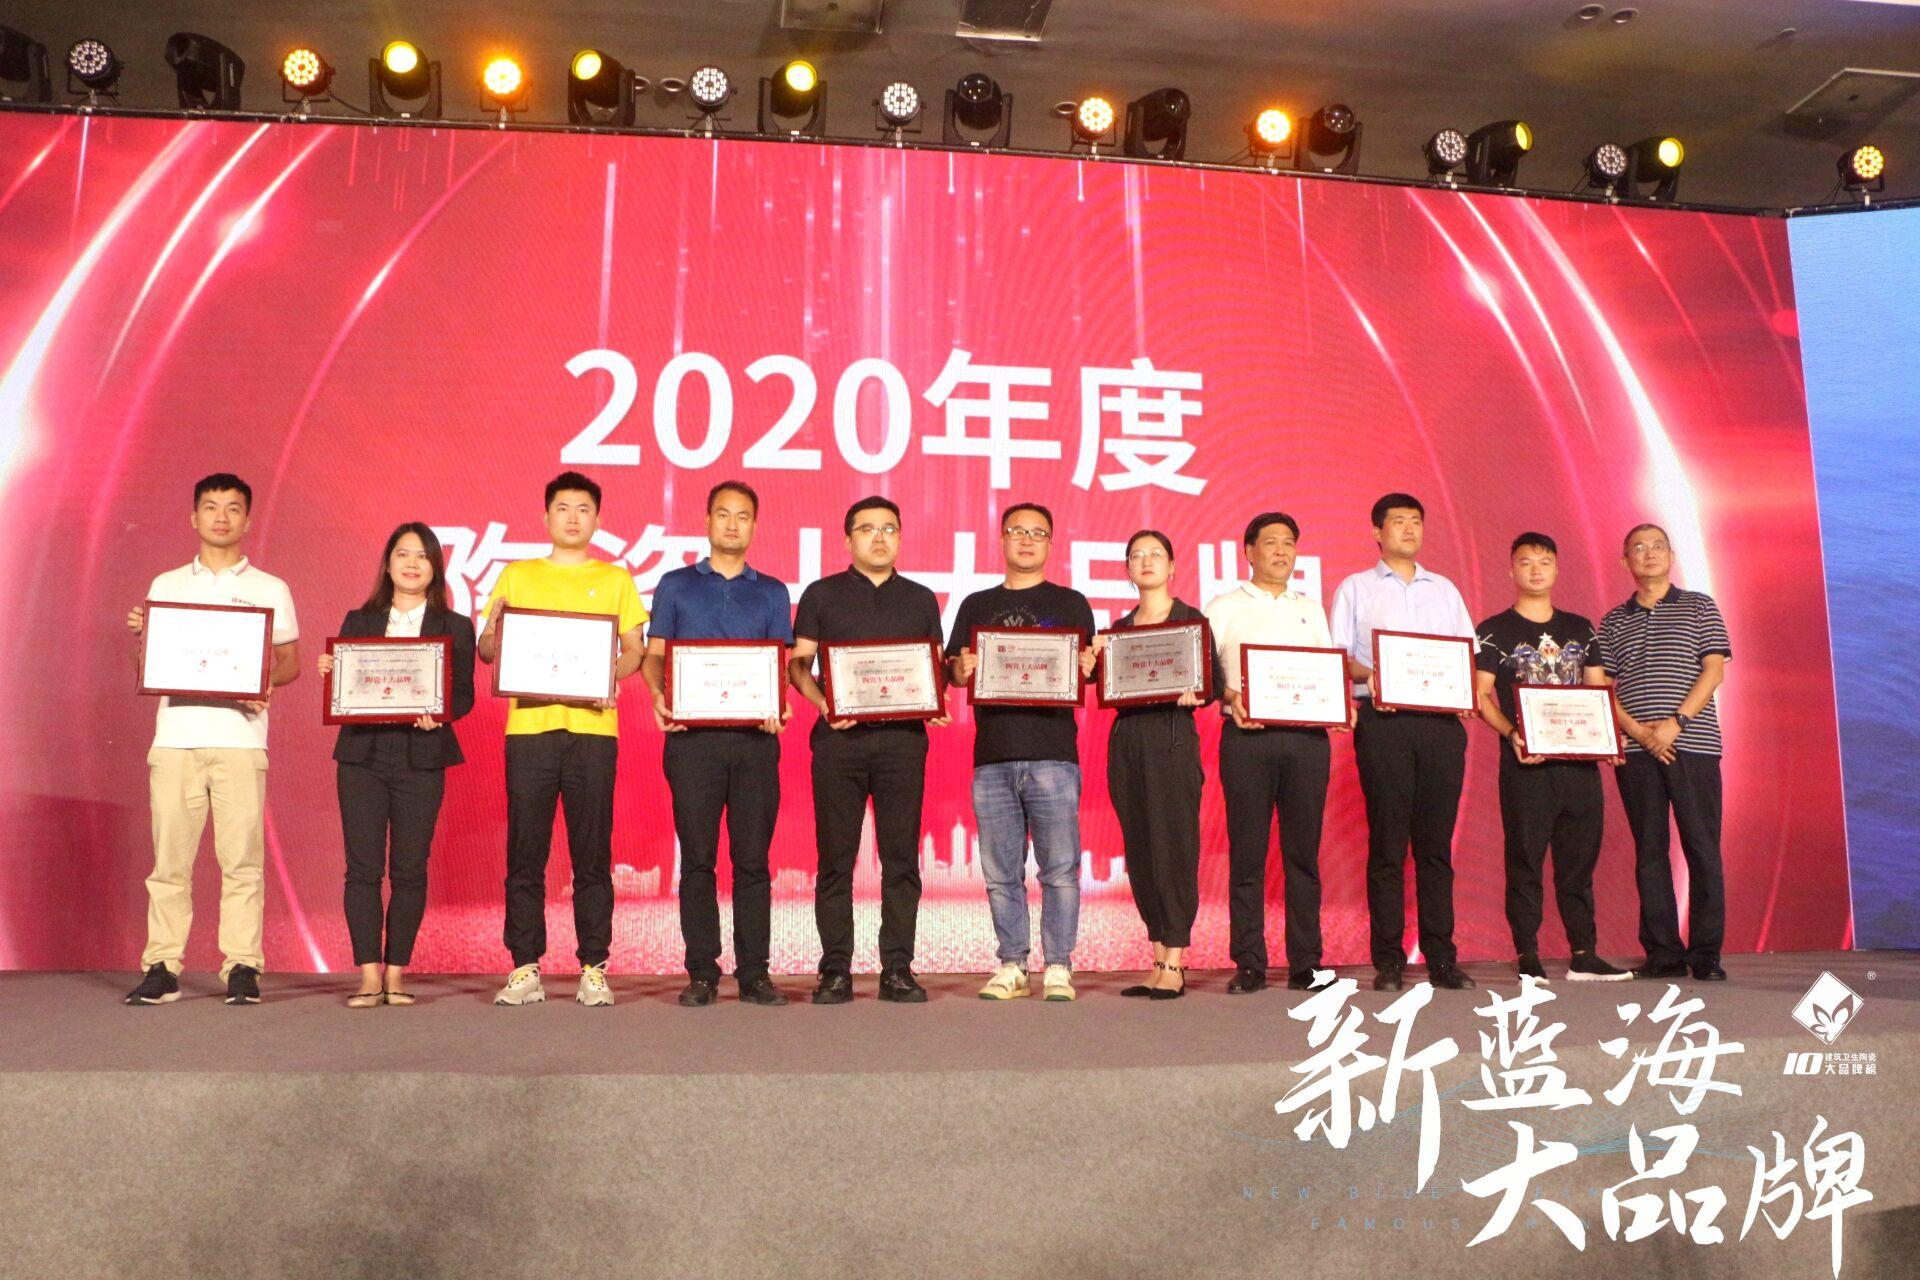 """上一篇:汇亚磁砖荣膺2020年度""""瓷砖十大品牌""""、""""功能砖十大品牌""""两项殊荣。"""